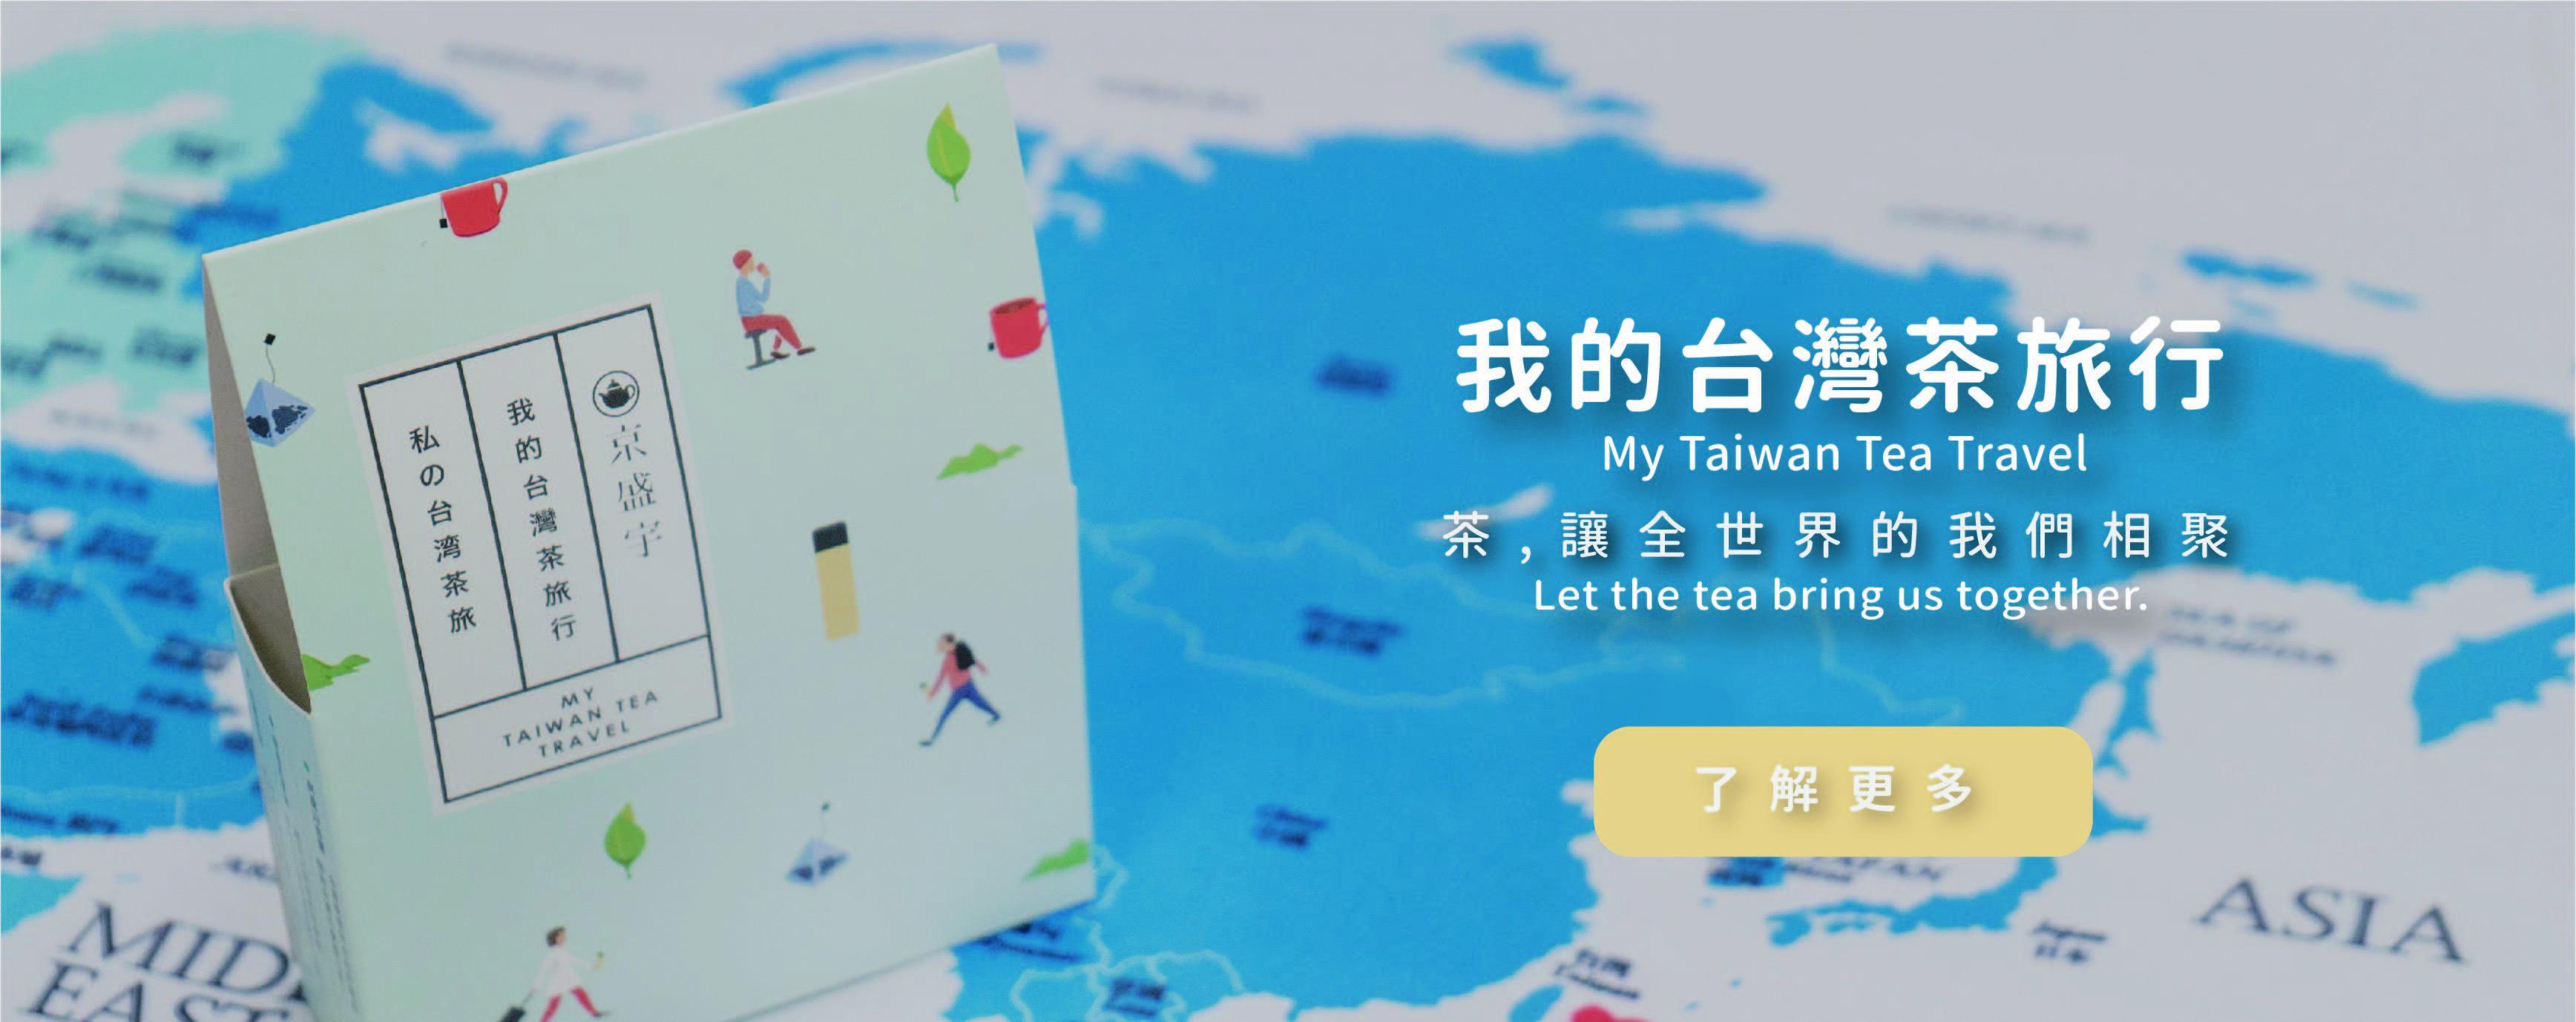 歡迎各位京盛宇的茶友們一同參與「我的台灣茶旅行」活動,官網下單即贈「我的台灣茶旅行組」,茶讓全世界的我們相聚。了解更多!